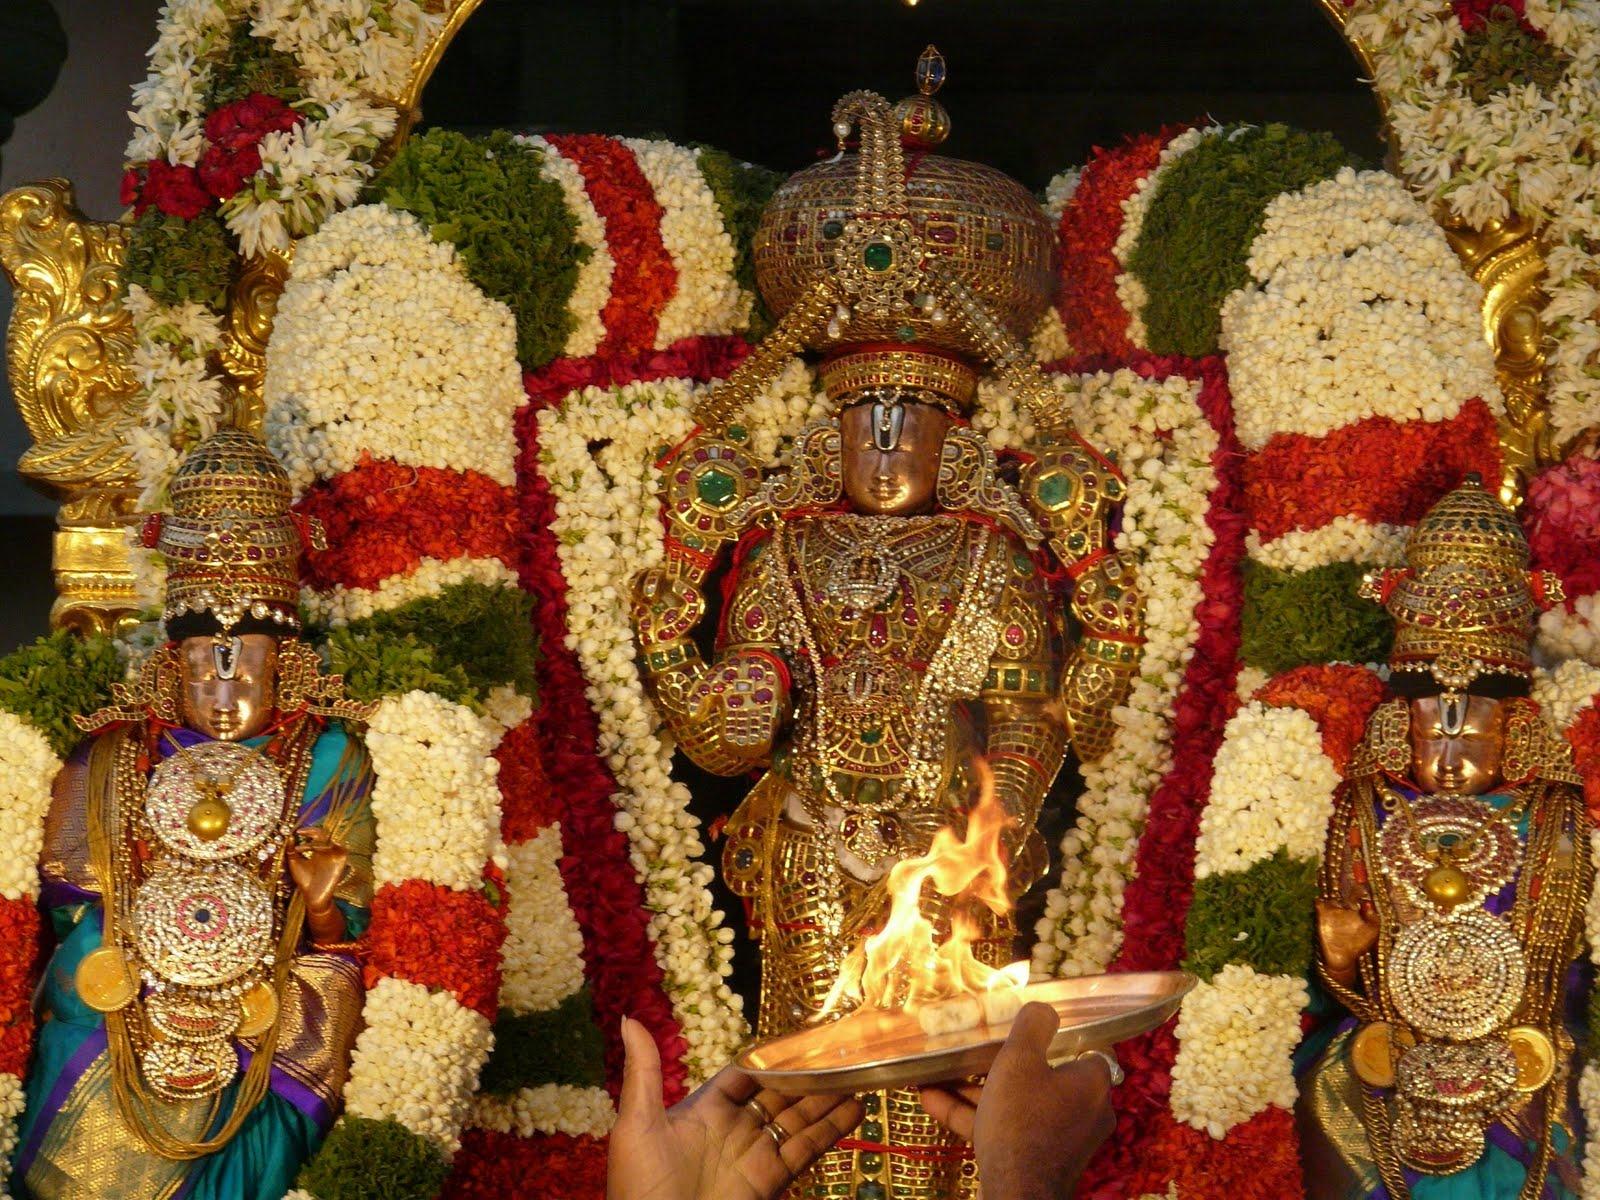 Latest Lord Venkateswara Wallpapers